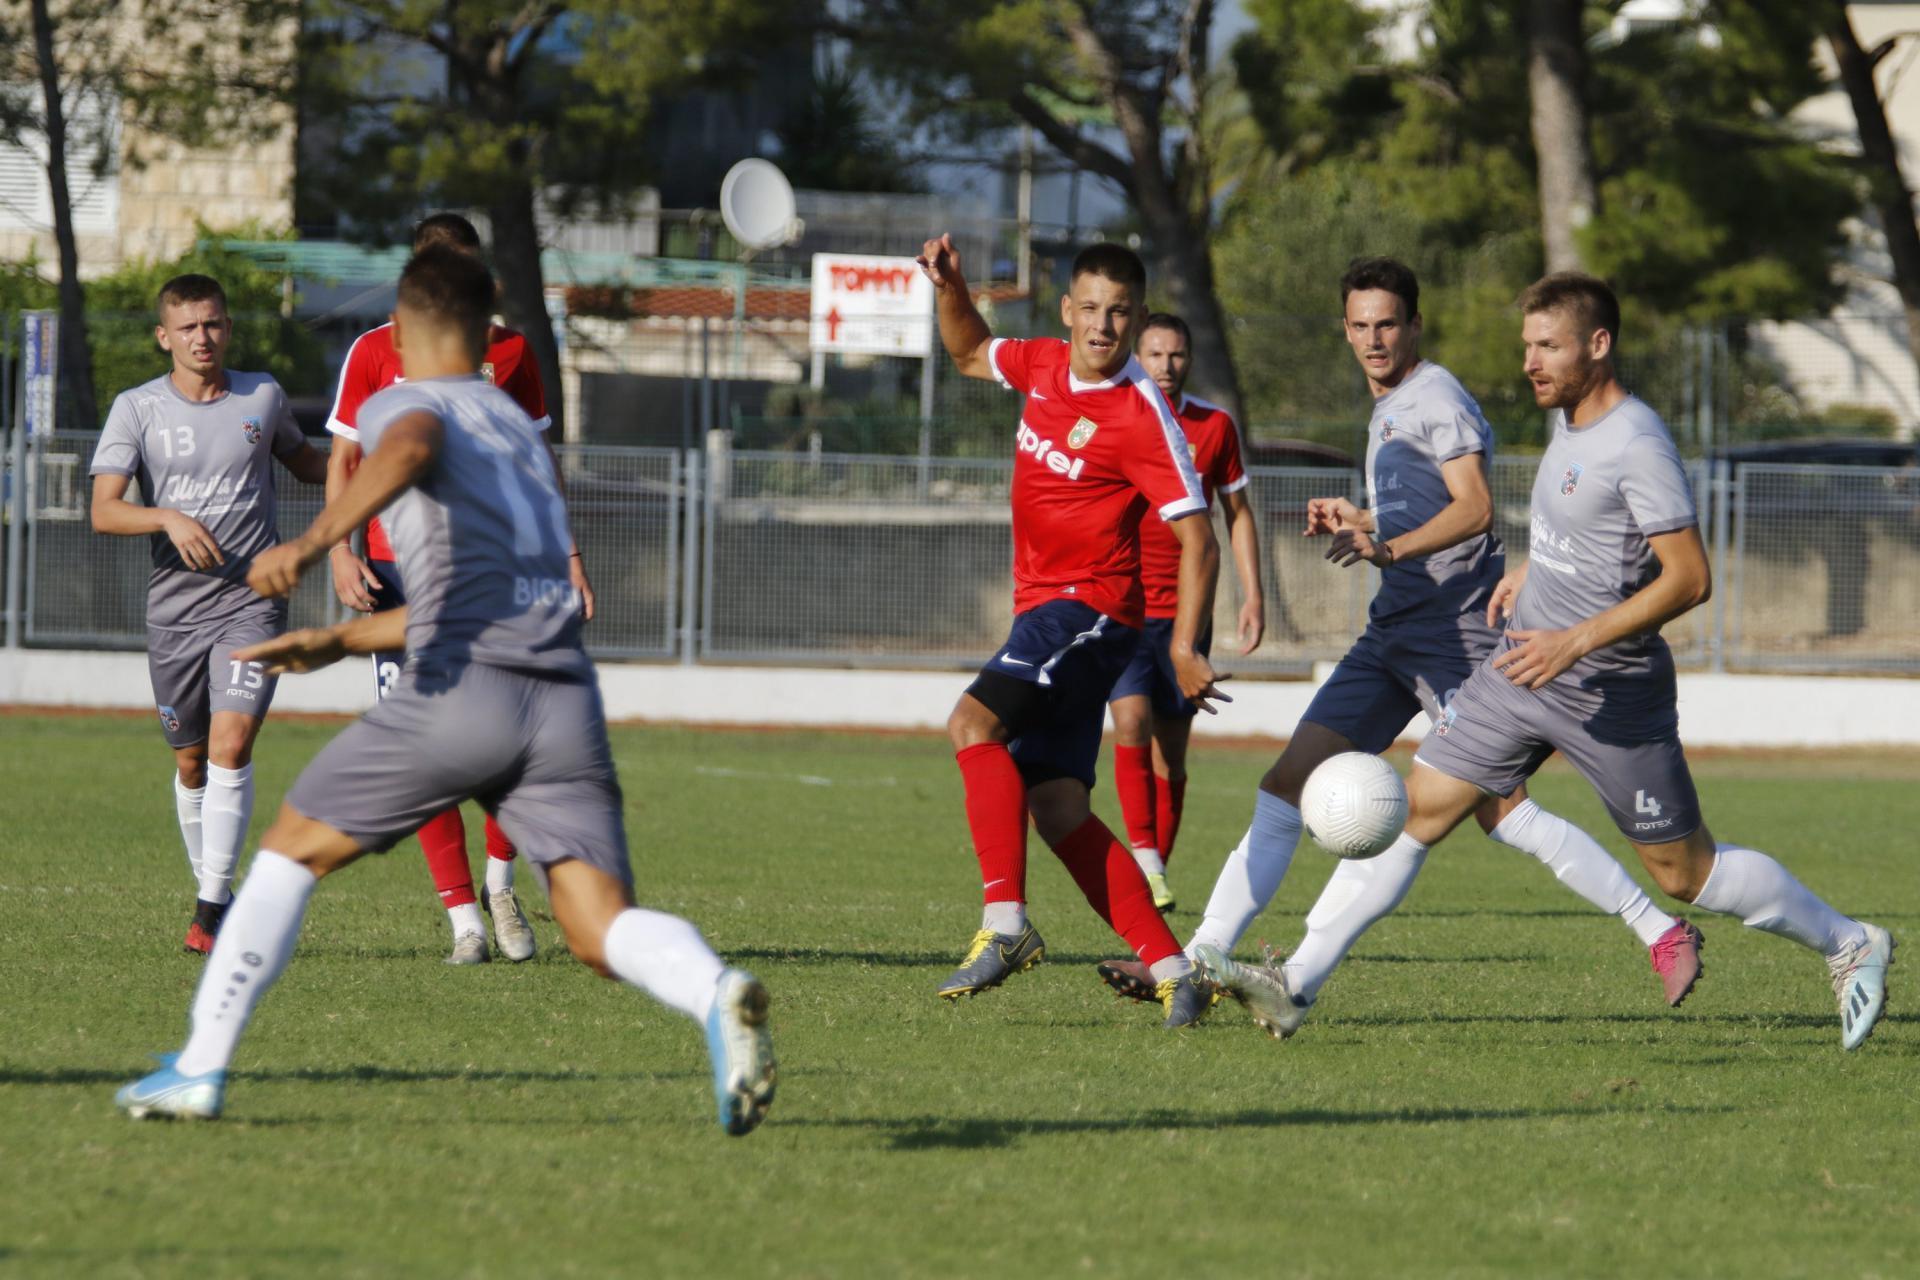 Zaslužena pobjeda Primorca, a Vodicama ostaje utjeha da su dobro igrali iako su izgubili četiri gola razlike